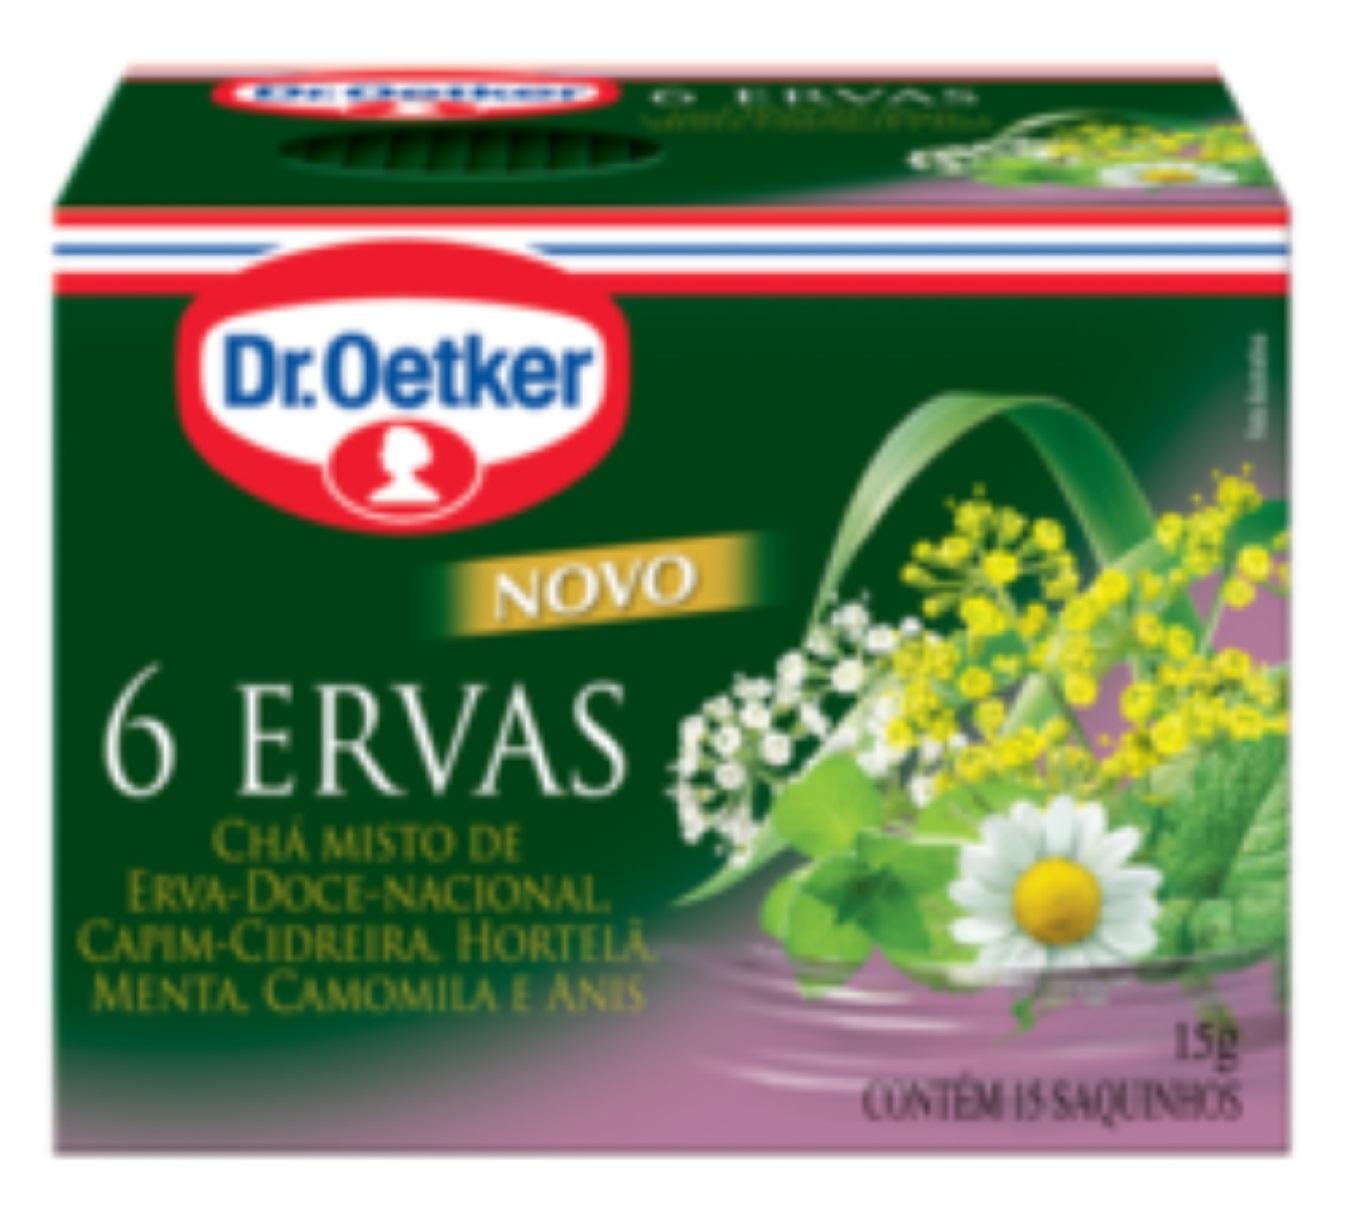 CHÁ SEIS ERVAS - DR OETCKER KIT 02 CAIXAS